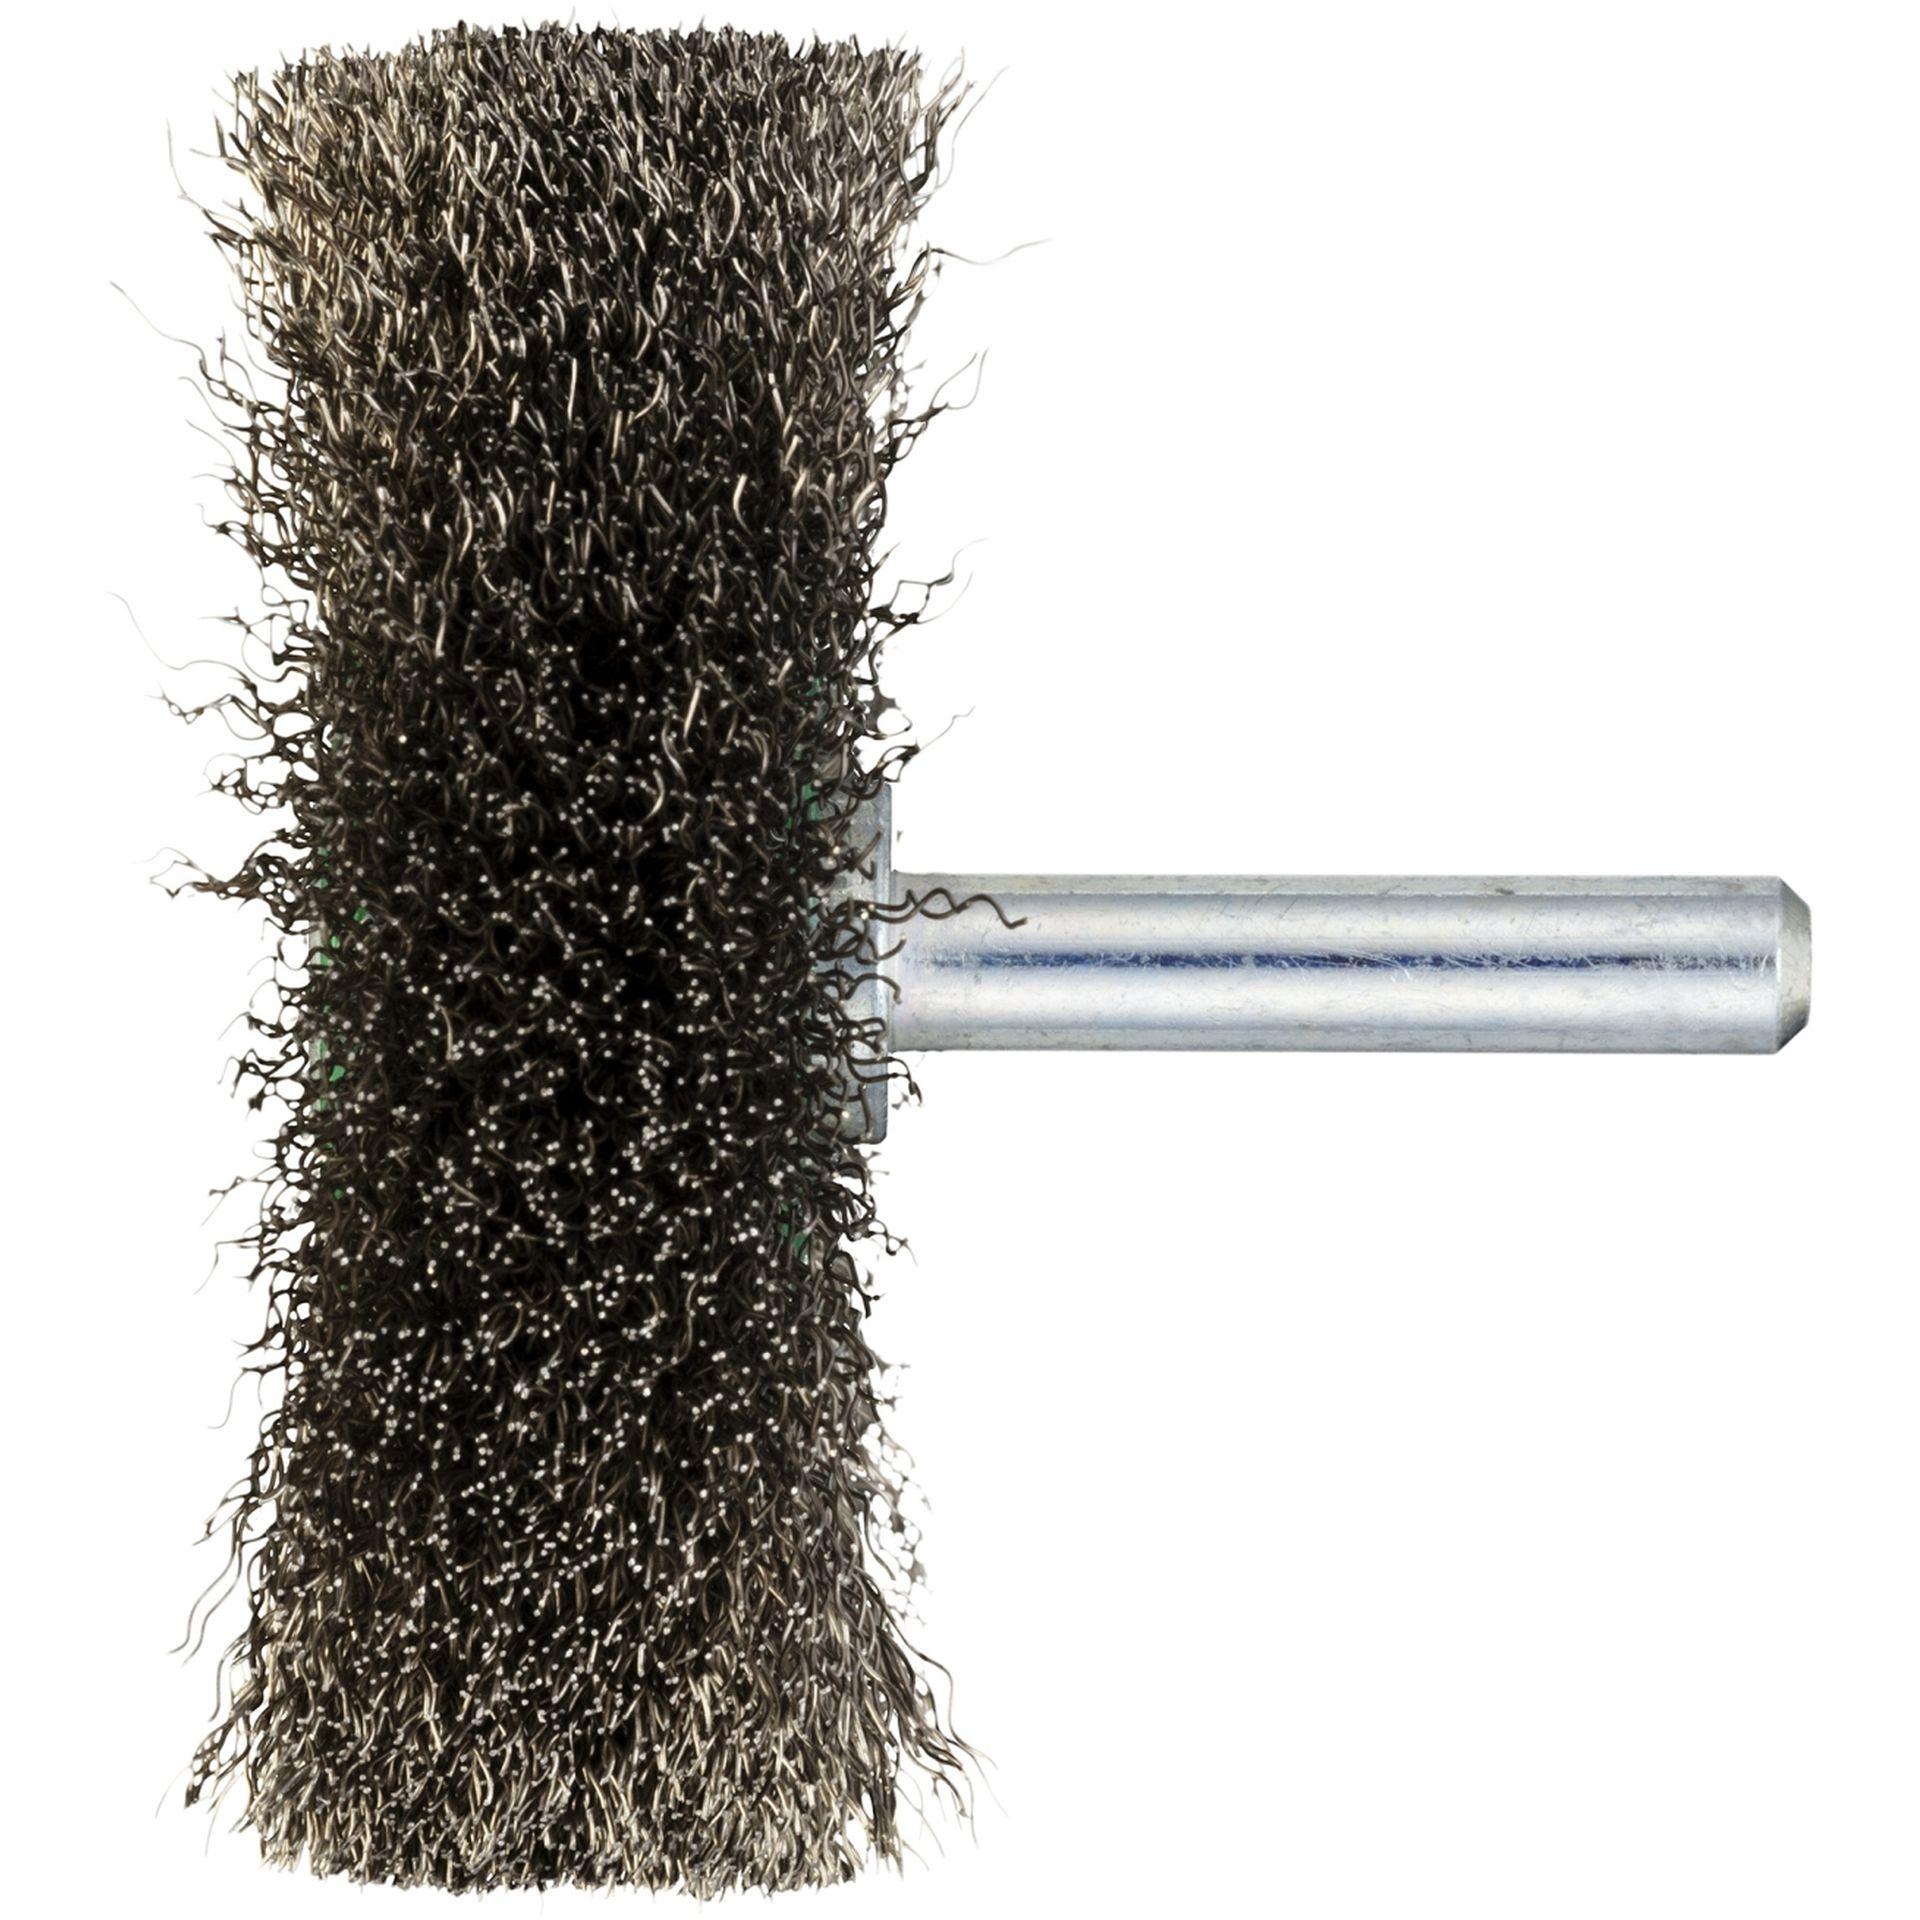 10x LUKAS Drahtbürste BSSW für Stahl 40x10 mm für Bohrmaschinen gewellt